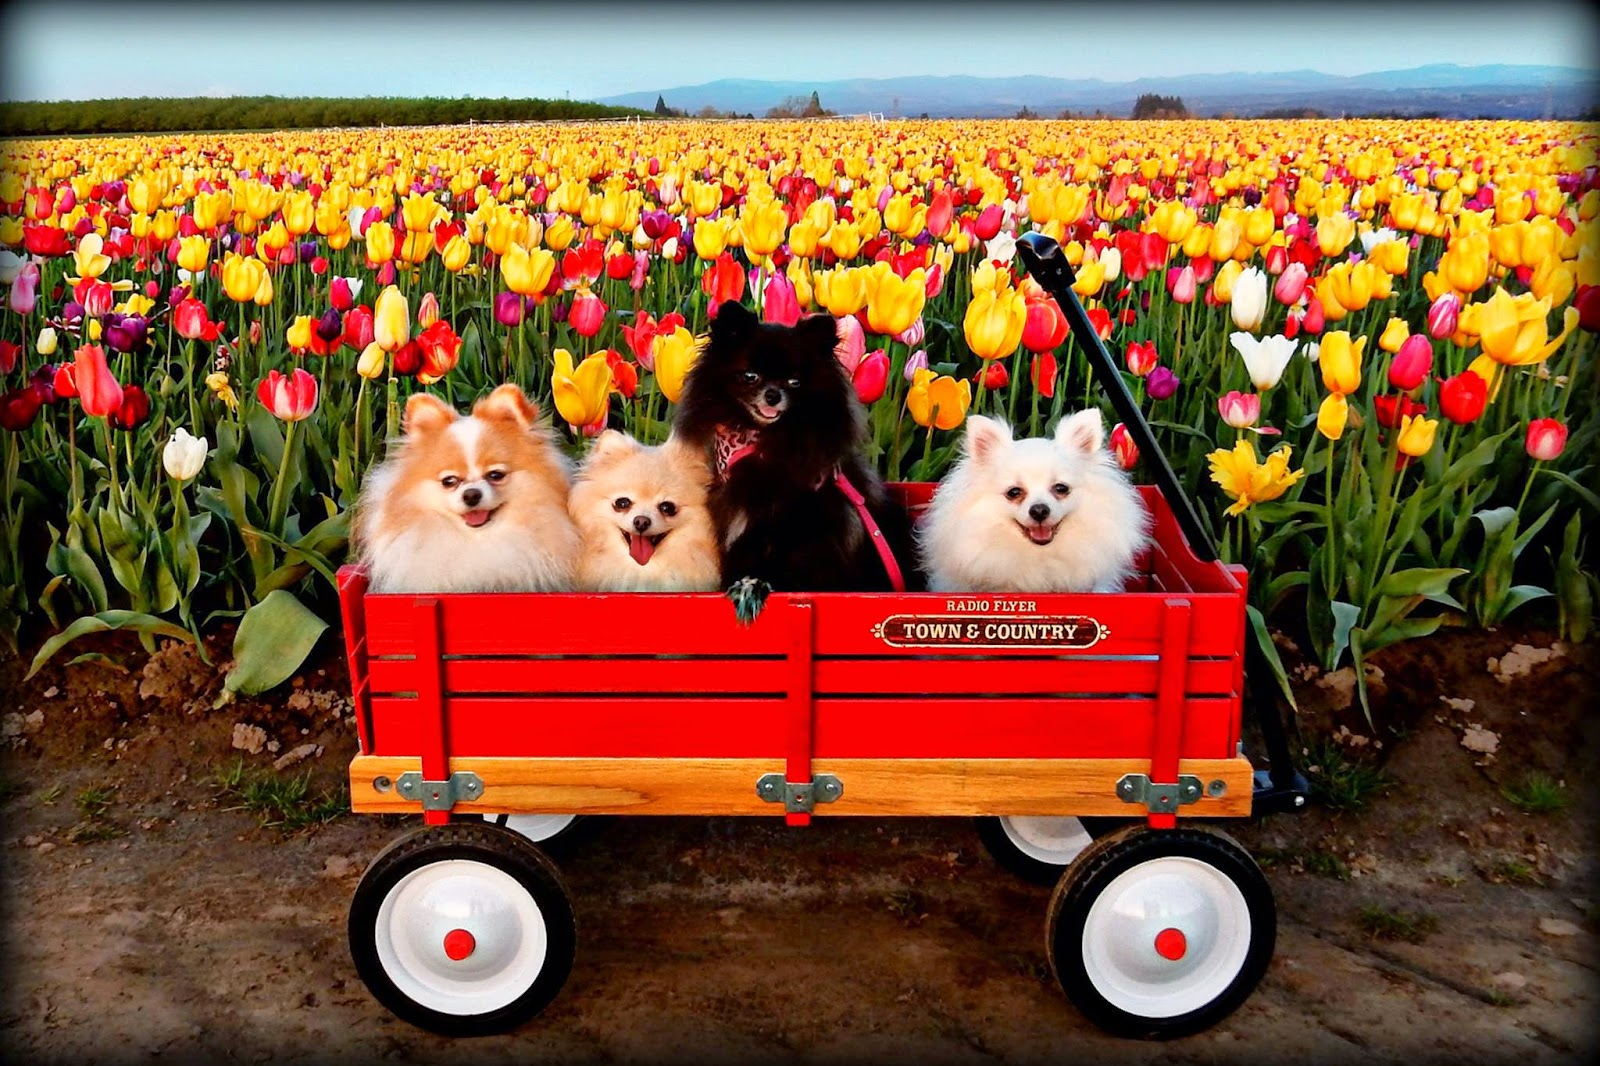 Картинки по запросу tulips dogs site:.au